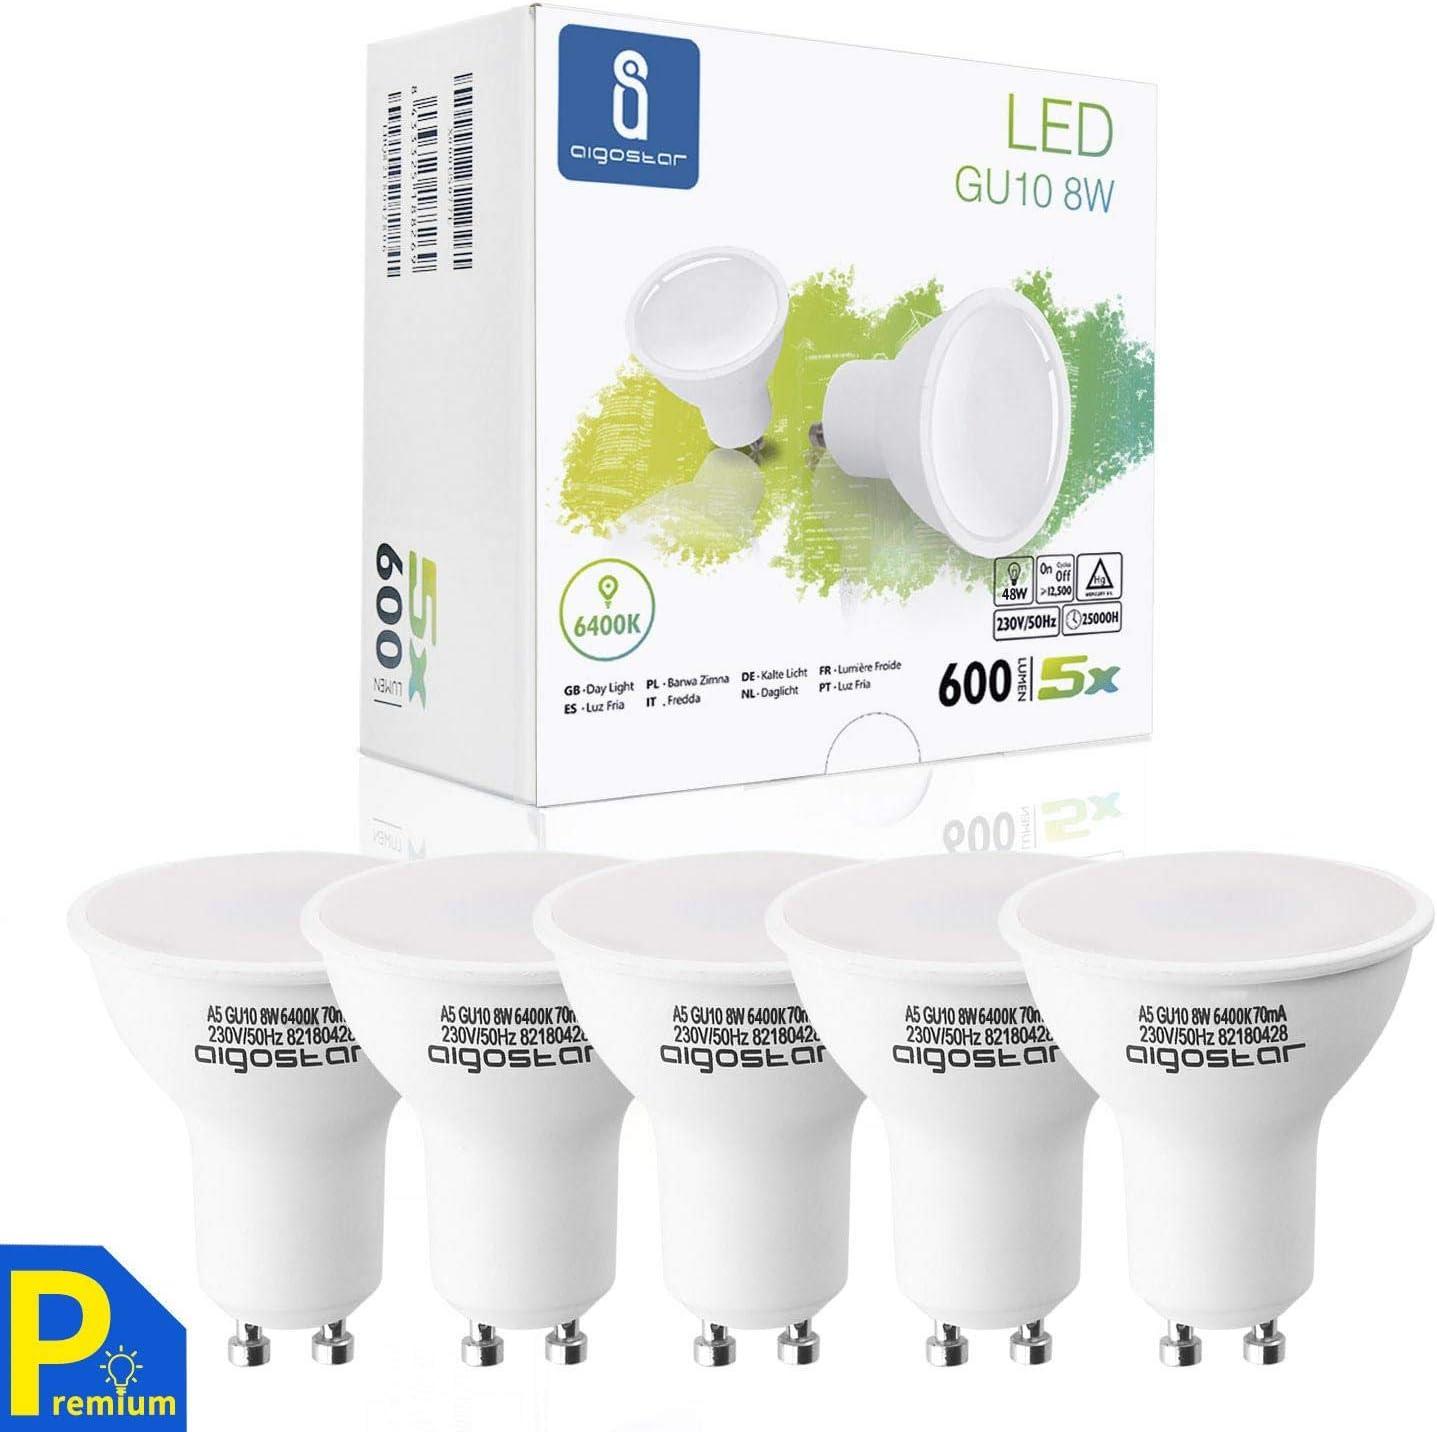 Aigostar -Bombilla LED 8W GU10, Luz blanca fría 6400K, 600lm, Esmerilada, no regulable - Caja de 5 unidades